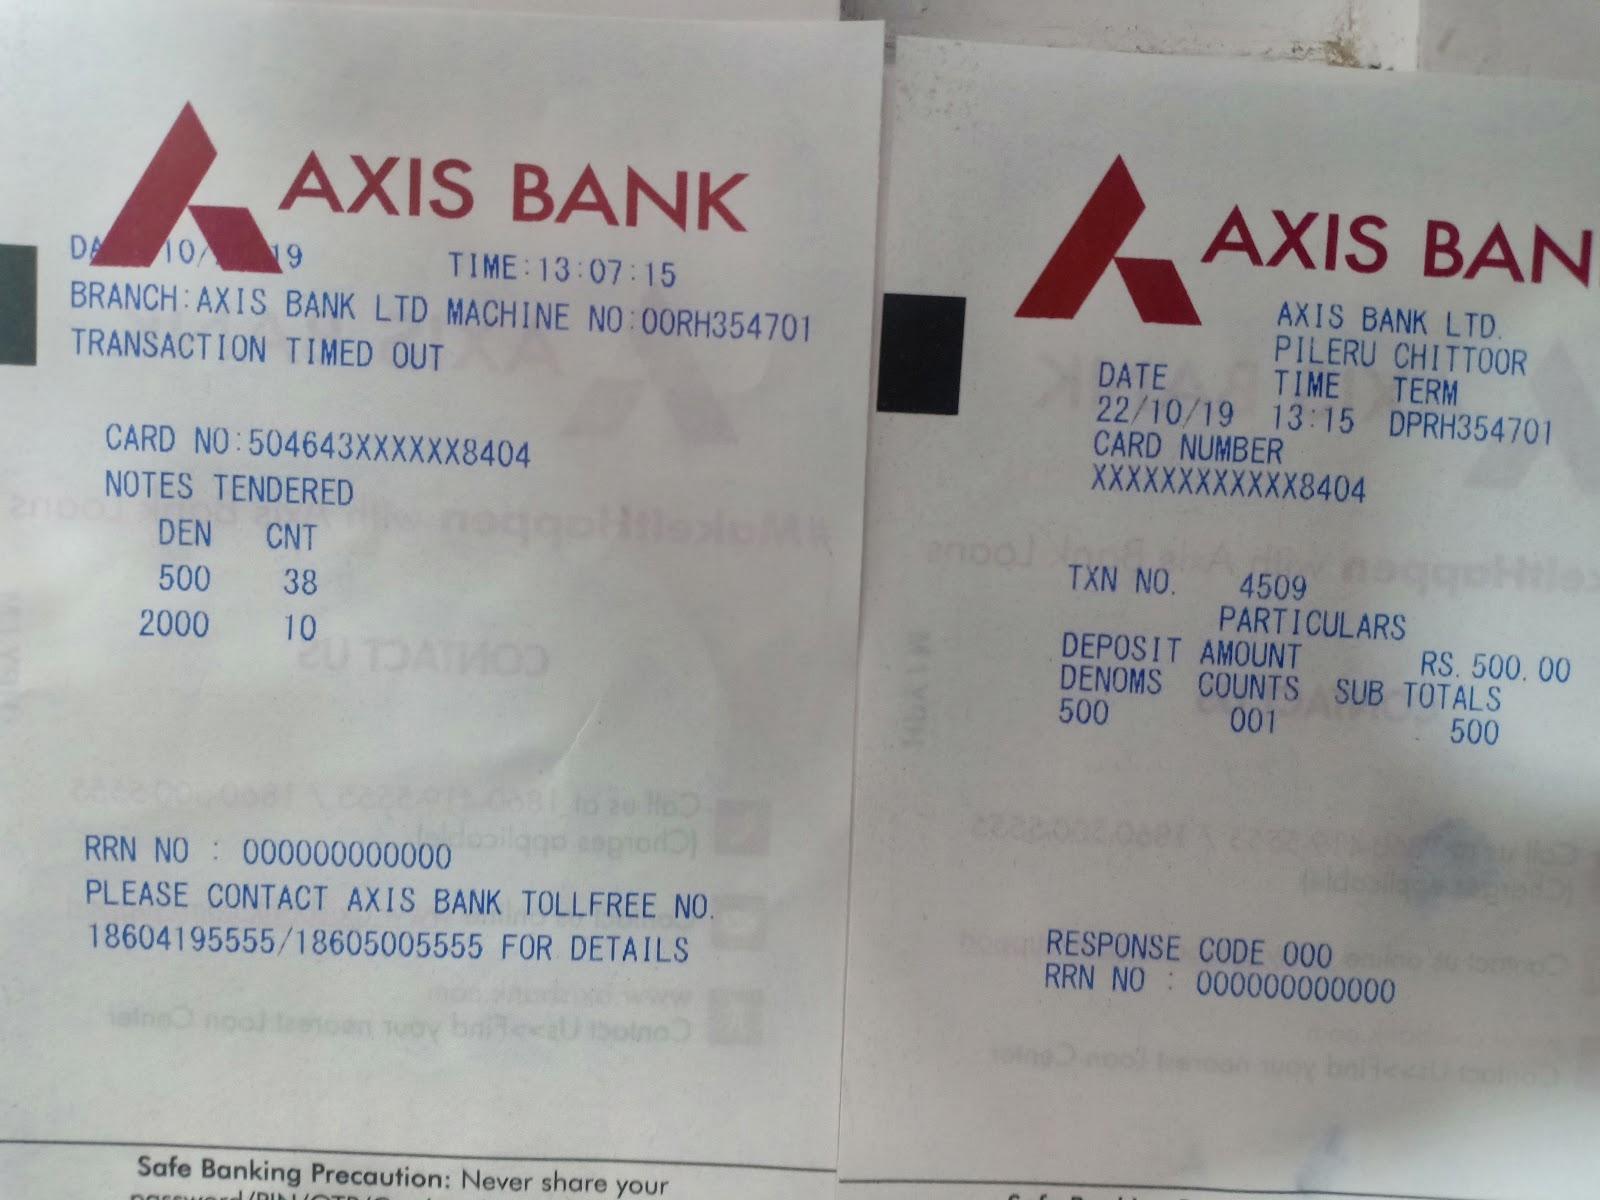 blood bank Axis Bank near Pileru Andhra Pradesh